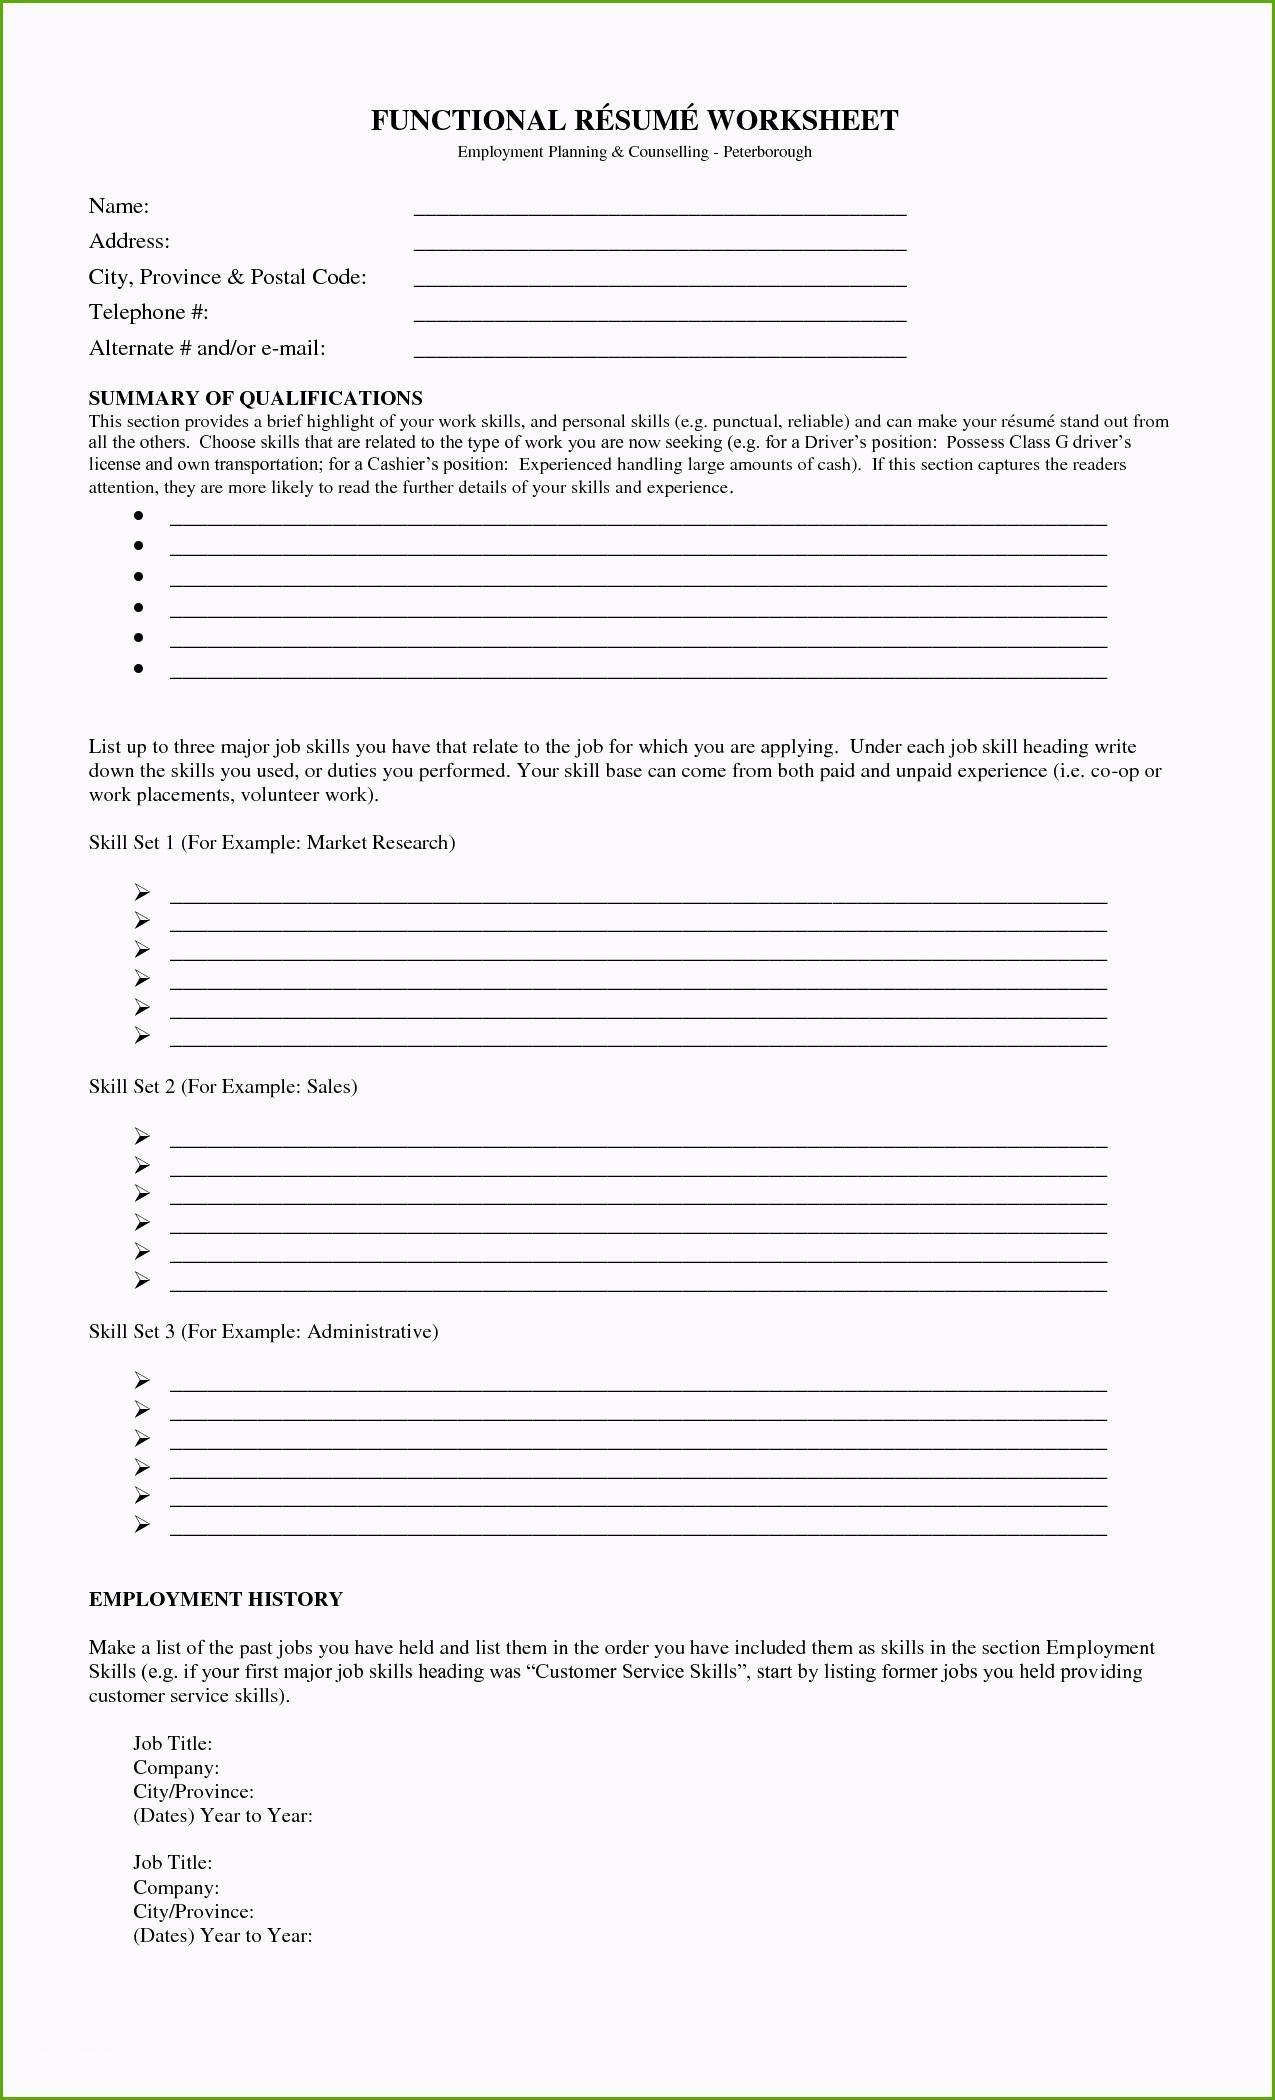 96 Lovely Fill In The Blank Resume Worksheet For Ideas Regarding Fill In The Blank Resume Worksheet